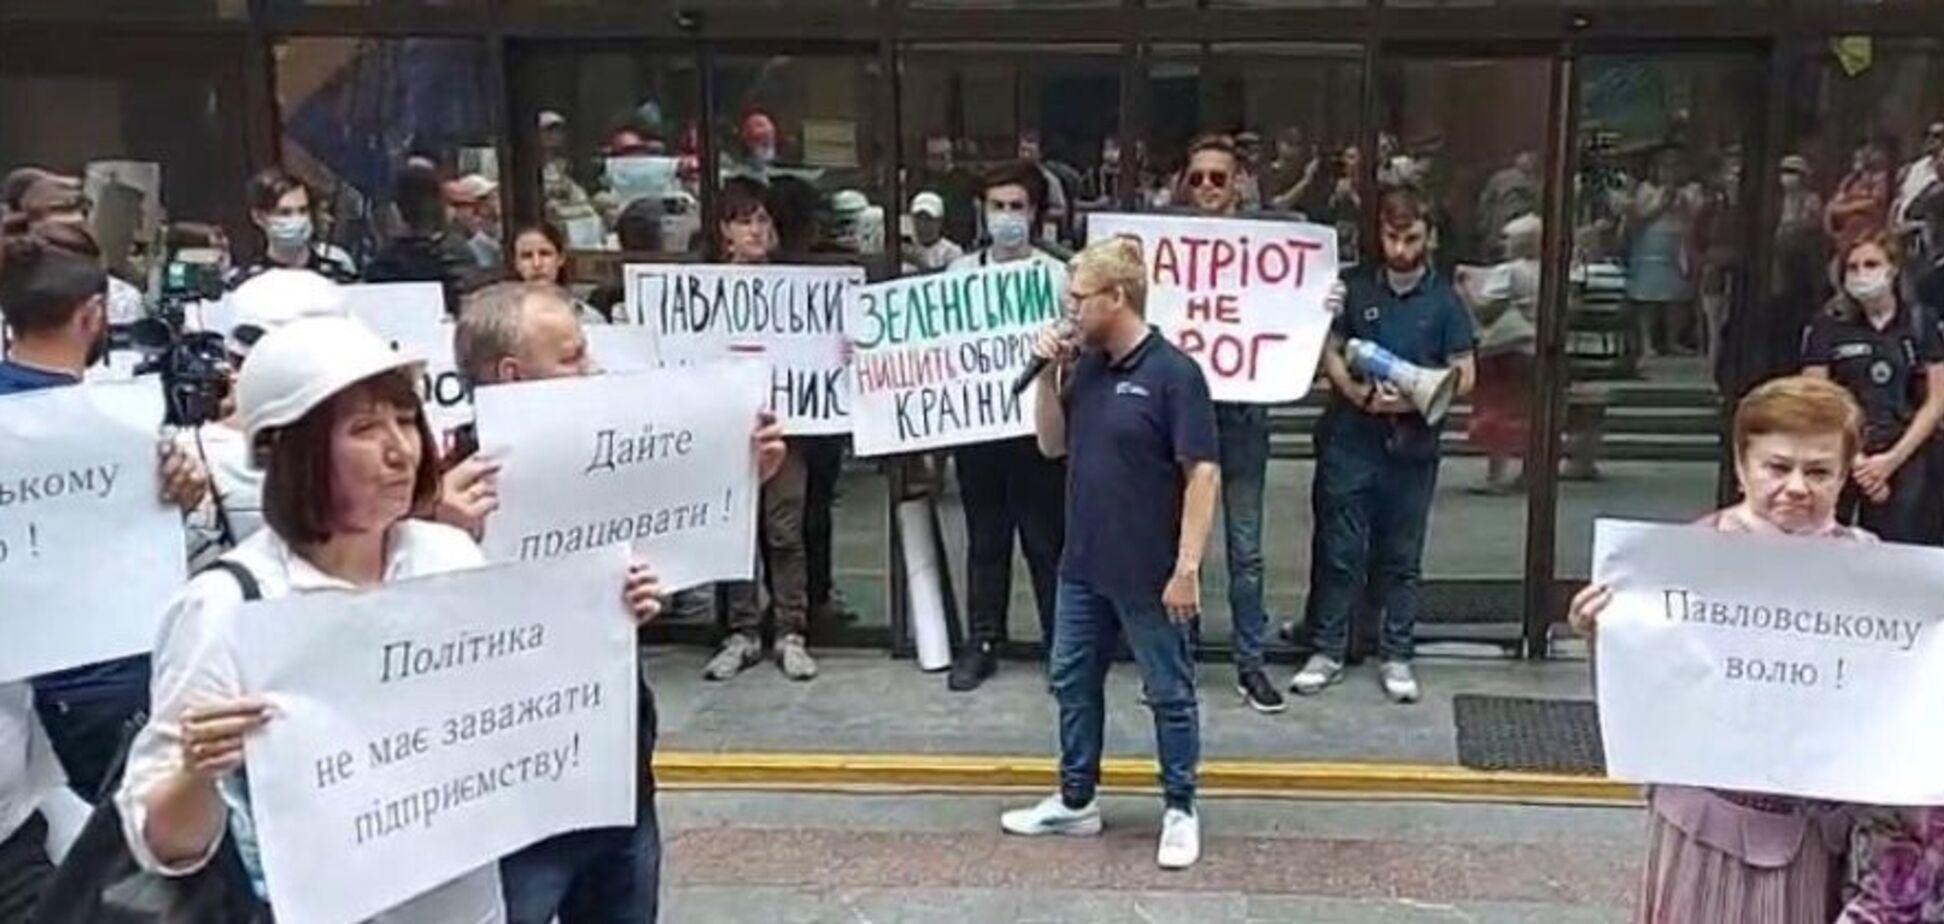 Українські патріоти, політики і небайдужі громадяни вимагають припинити безпідставне судилище над бойовим генералом Павловським